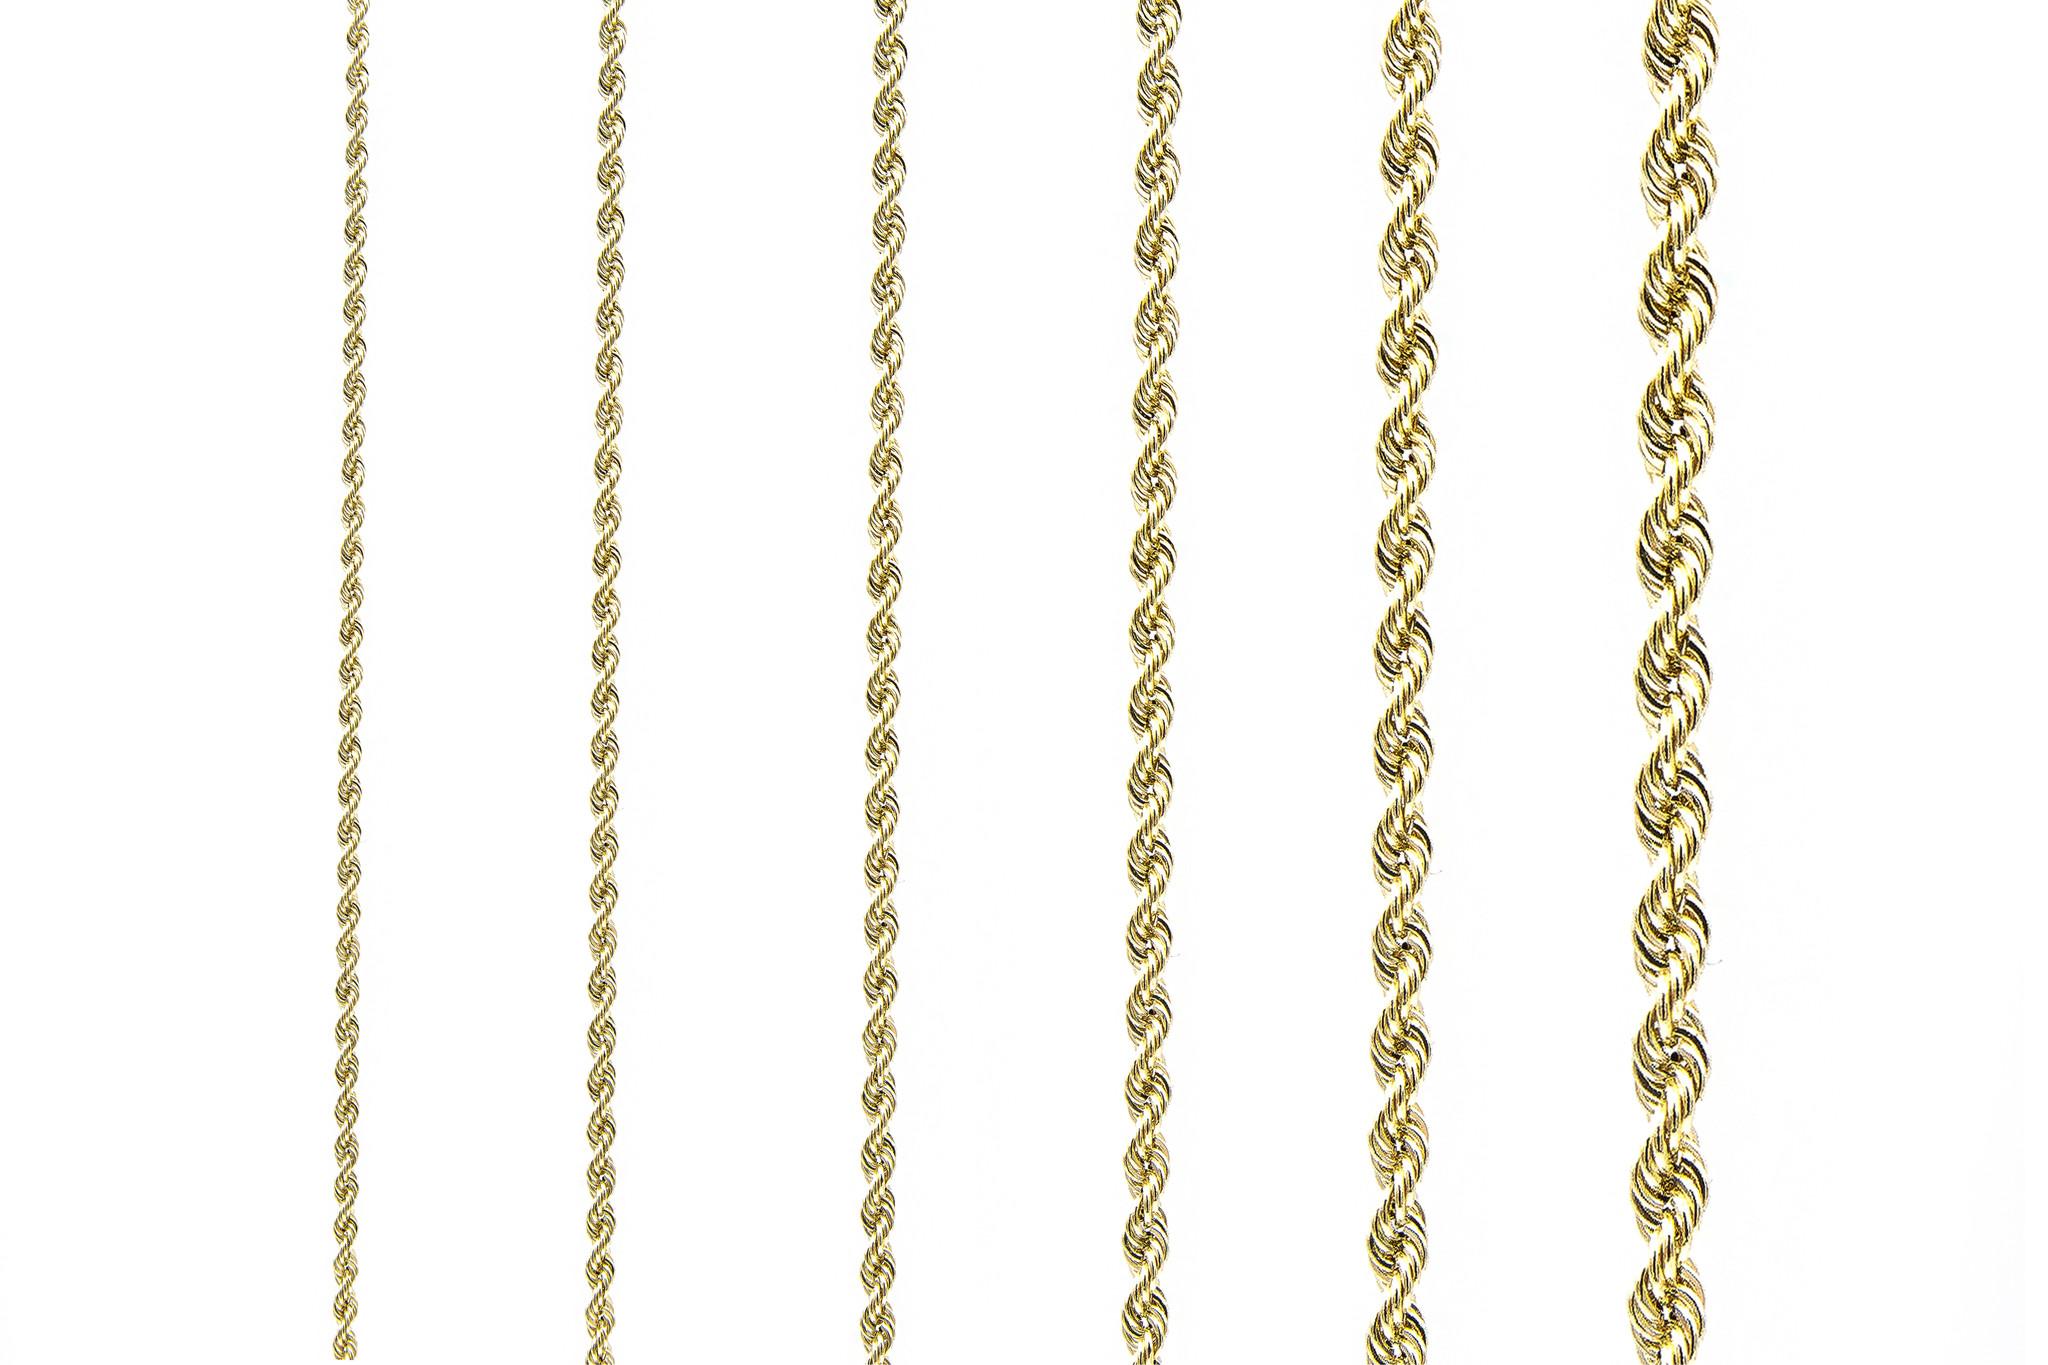 Rope Chain 18k-3 mm roségoud-3